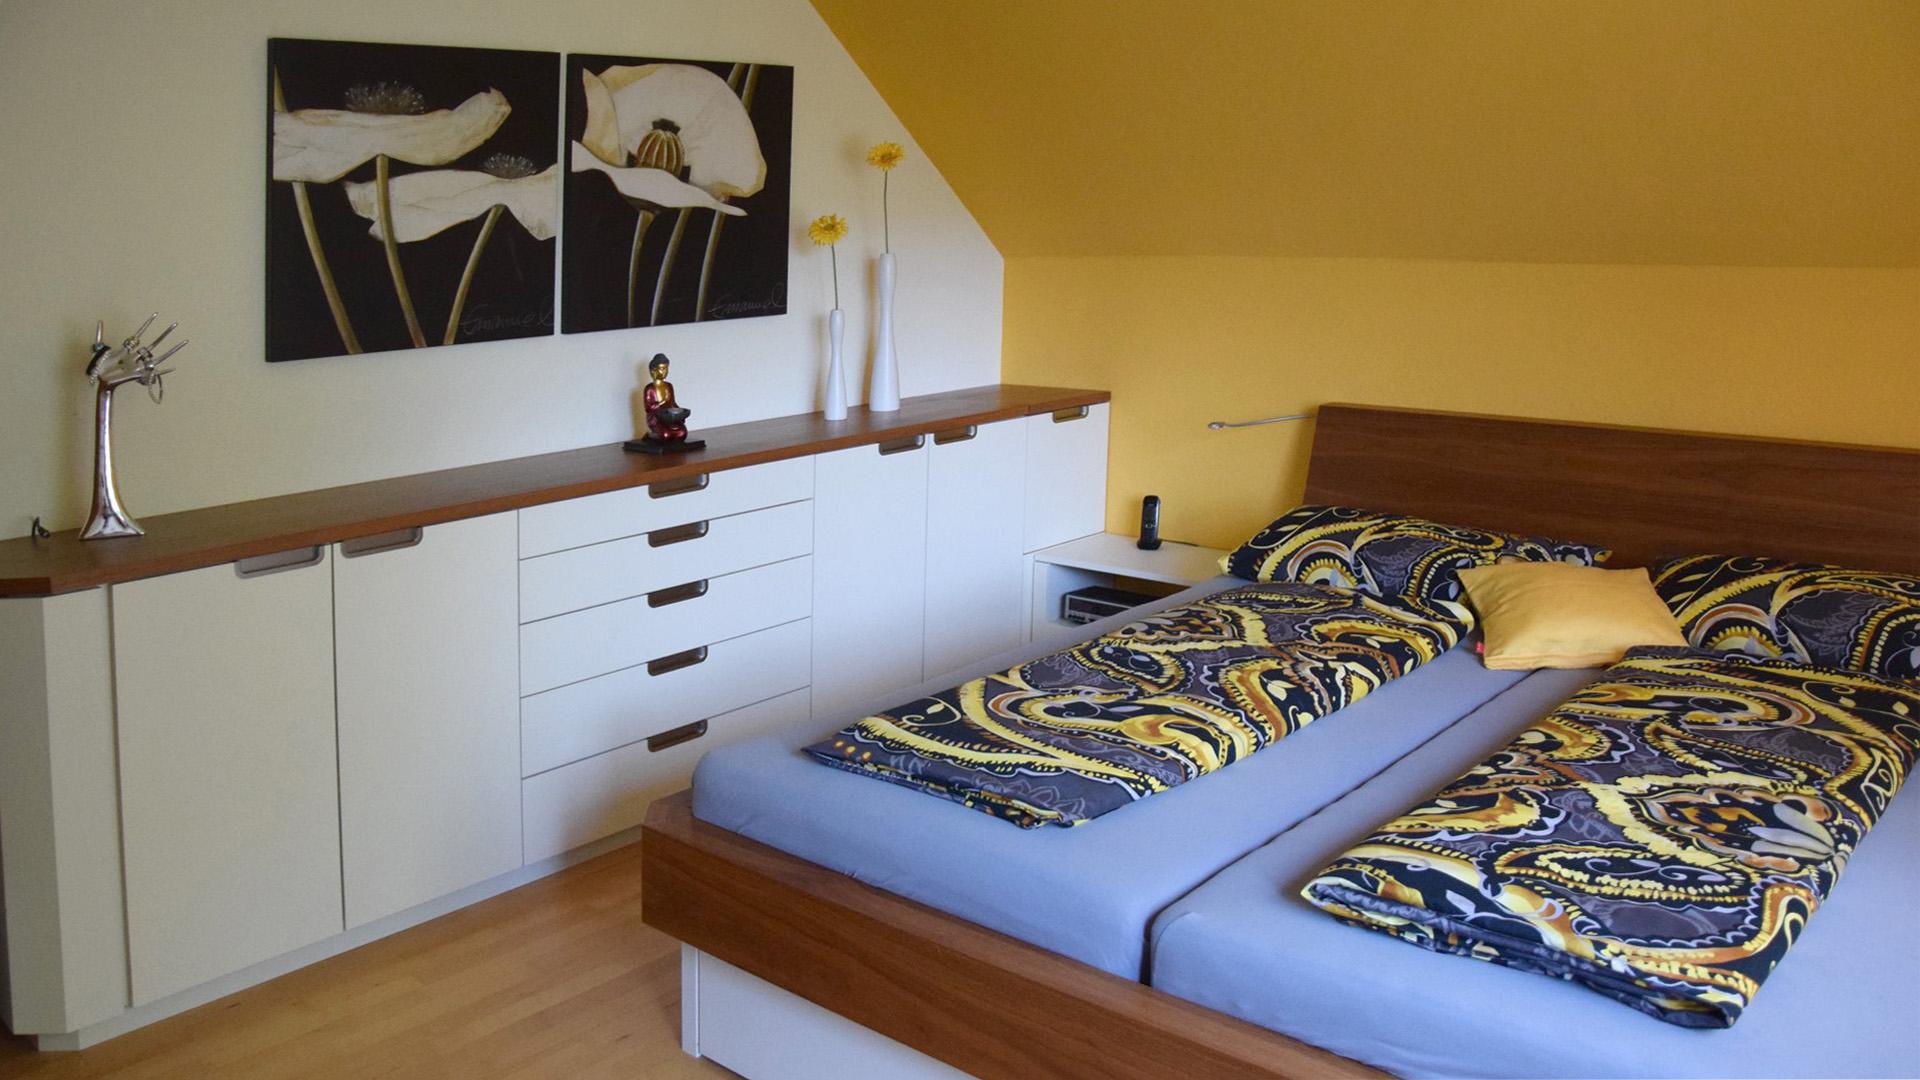 schreinerei julian grimm ideen mit holz der schreiner in fellbach beispiele. Black Bedroom Furniture Sets. Home Design Ideas